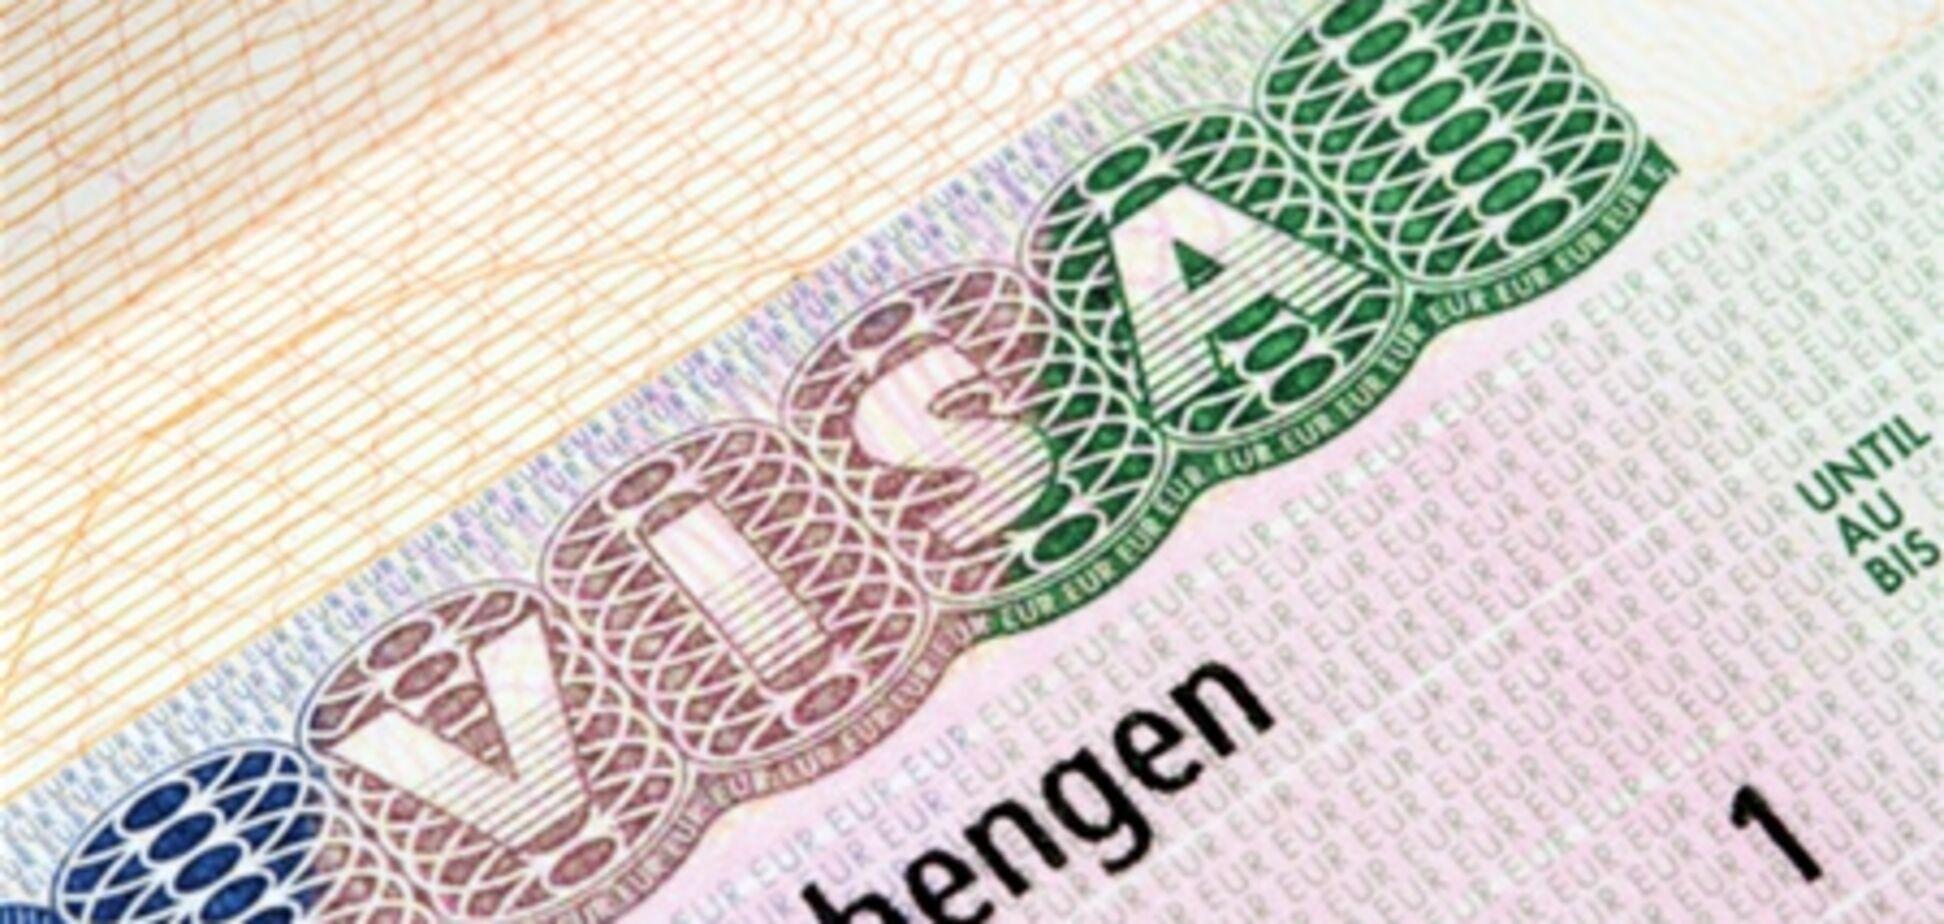 Куплю фальшивые справки для шенгена...